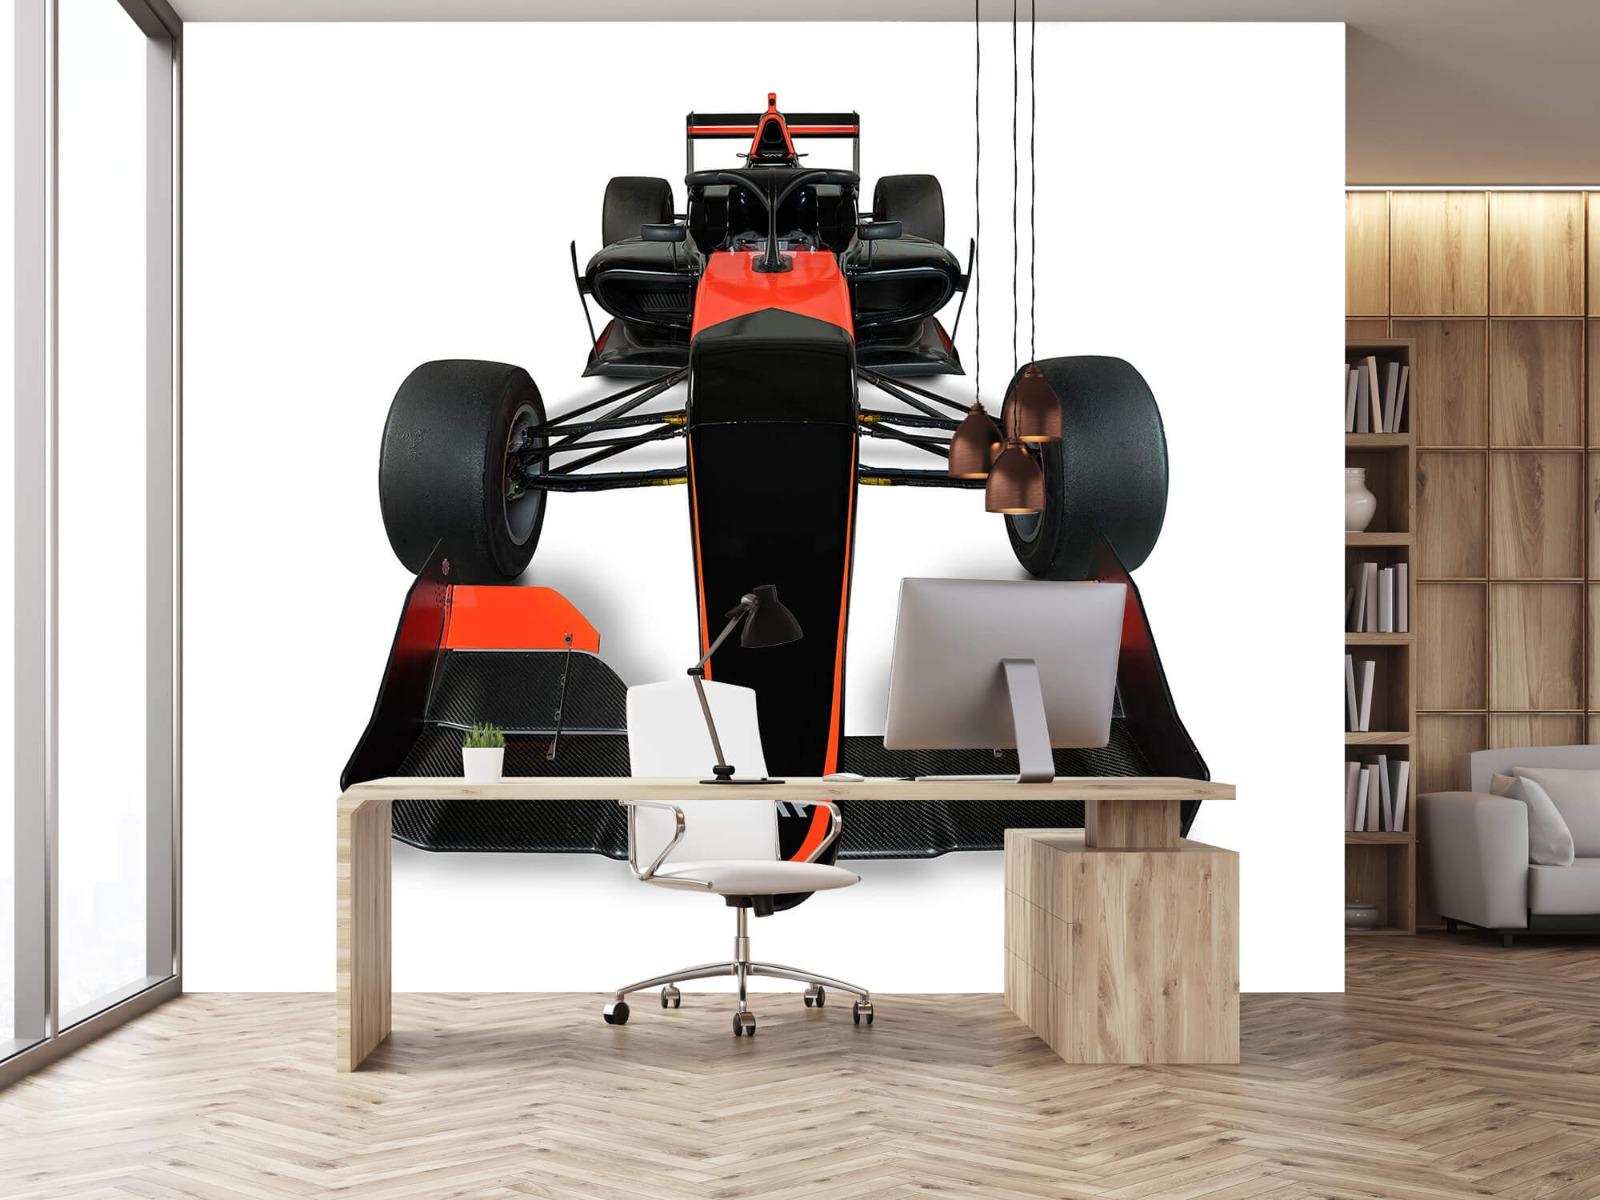 Sportauto's - Formule 3 - Front view - Computerruimte 24